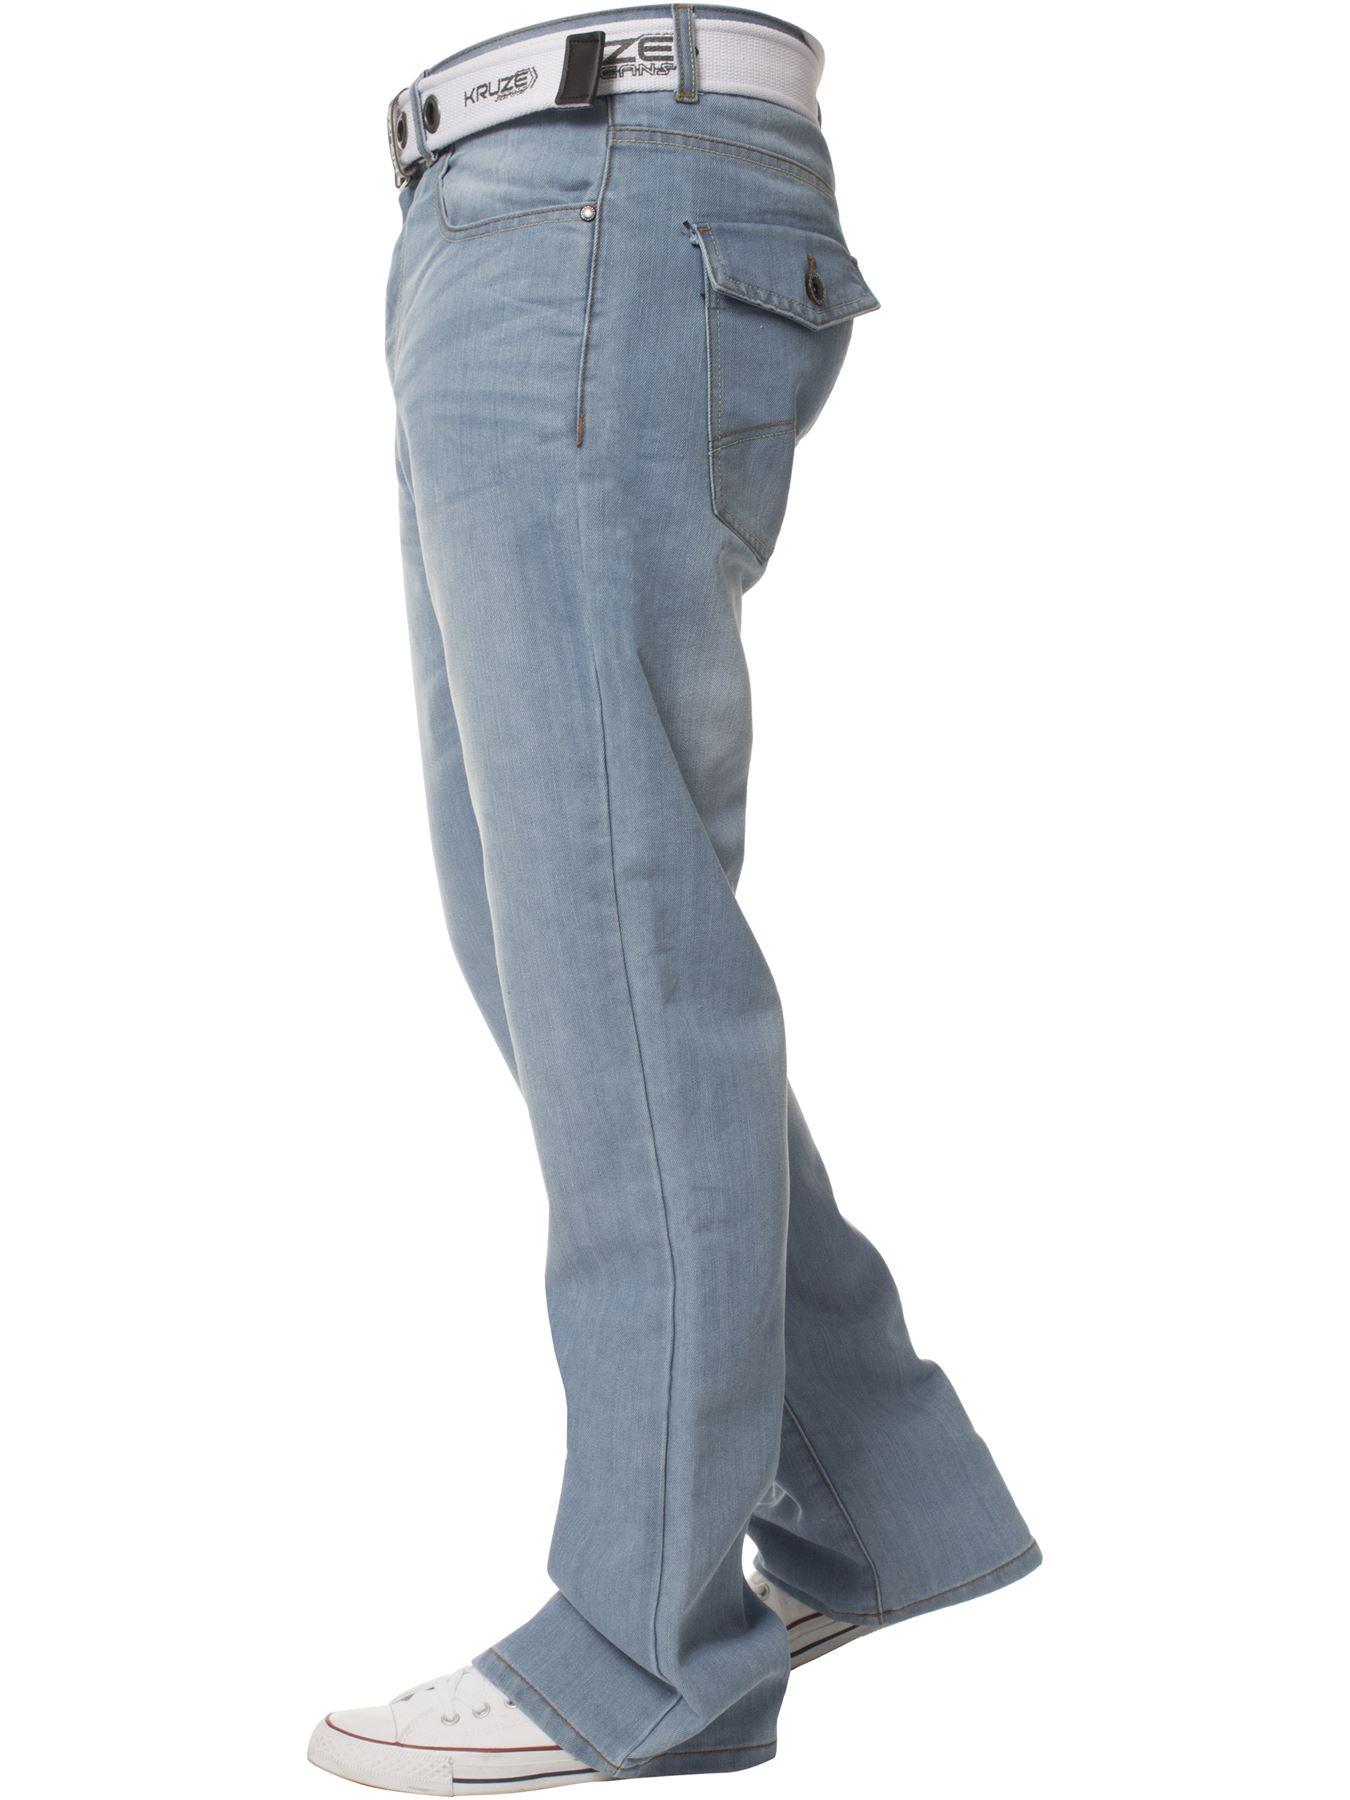 Kruze-Herren-Bootcut-Jeans-Ausgestellt-Weites-Bein-Denim-Hose-Gross-Hoch-Koenig Indexbild 10